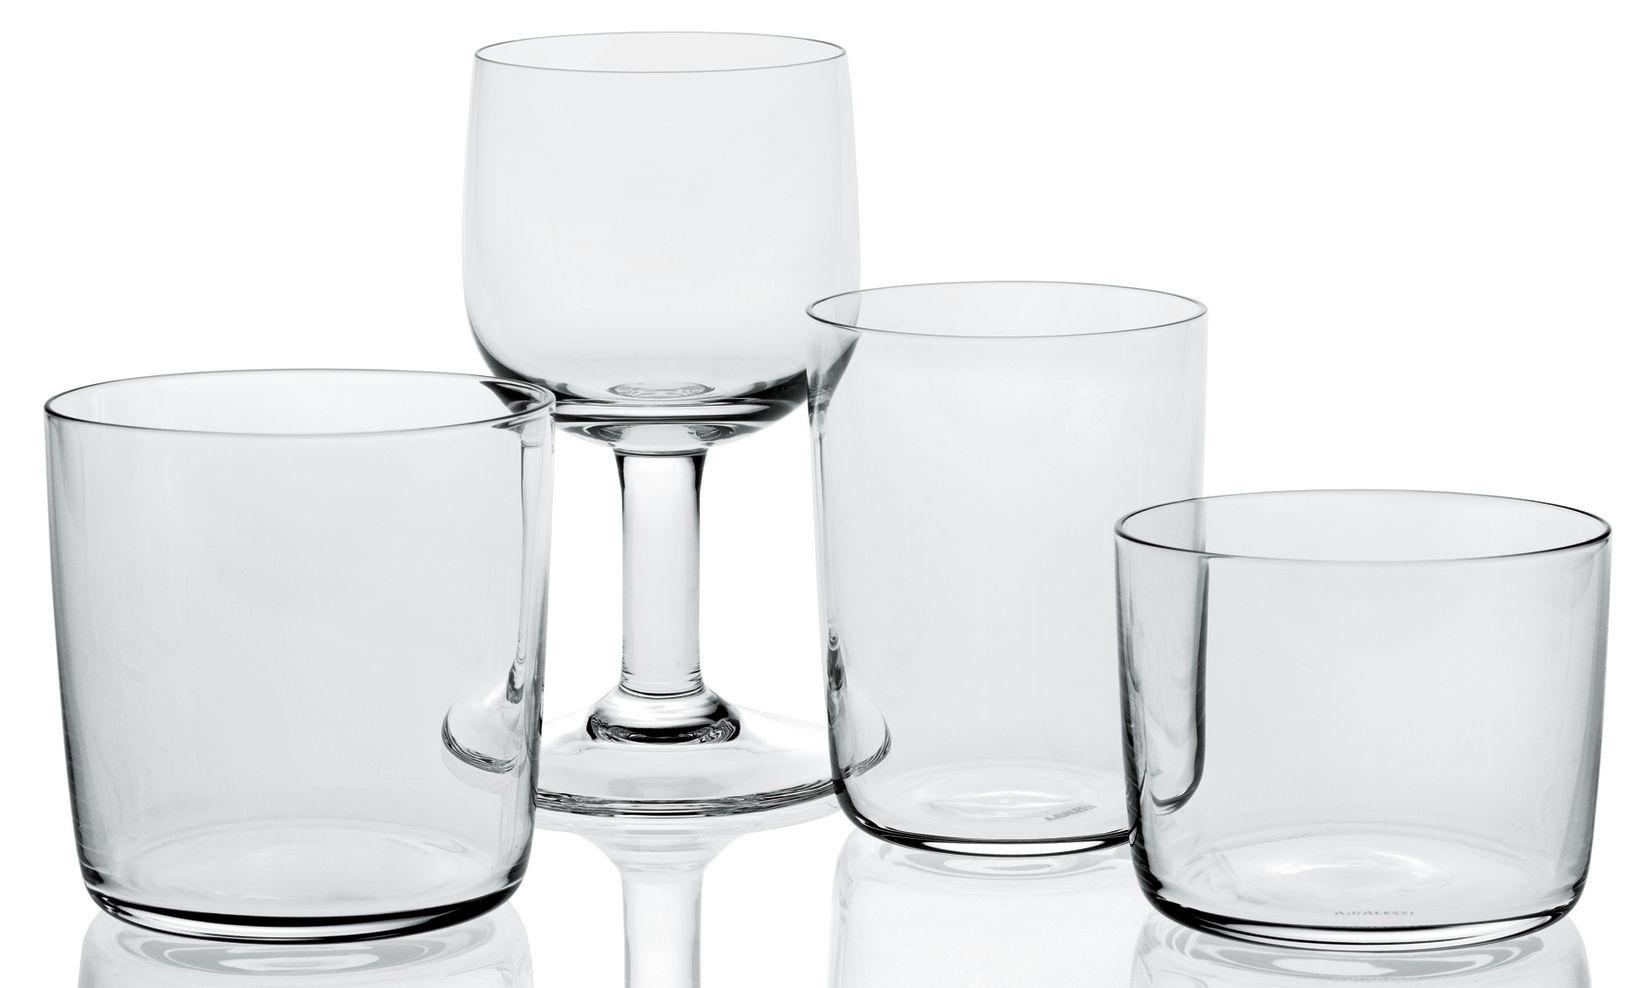 Scopri bicchiere da acqua glass family acqua 32 cl di a for Acqua design italia